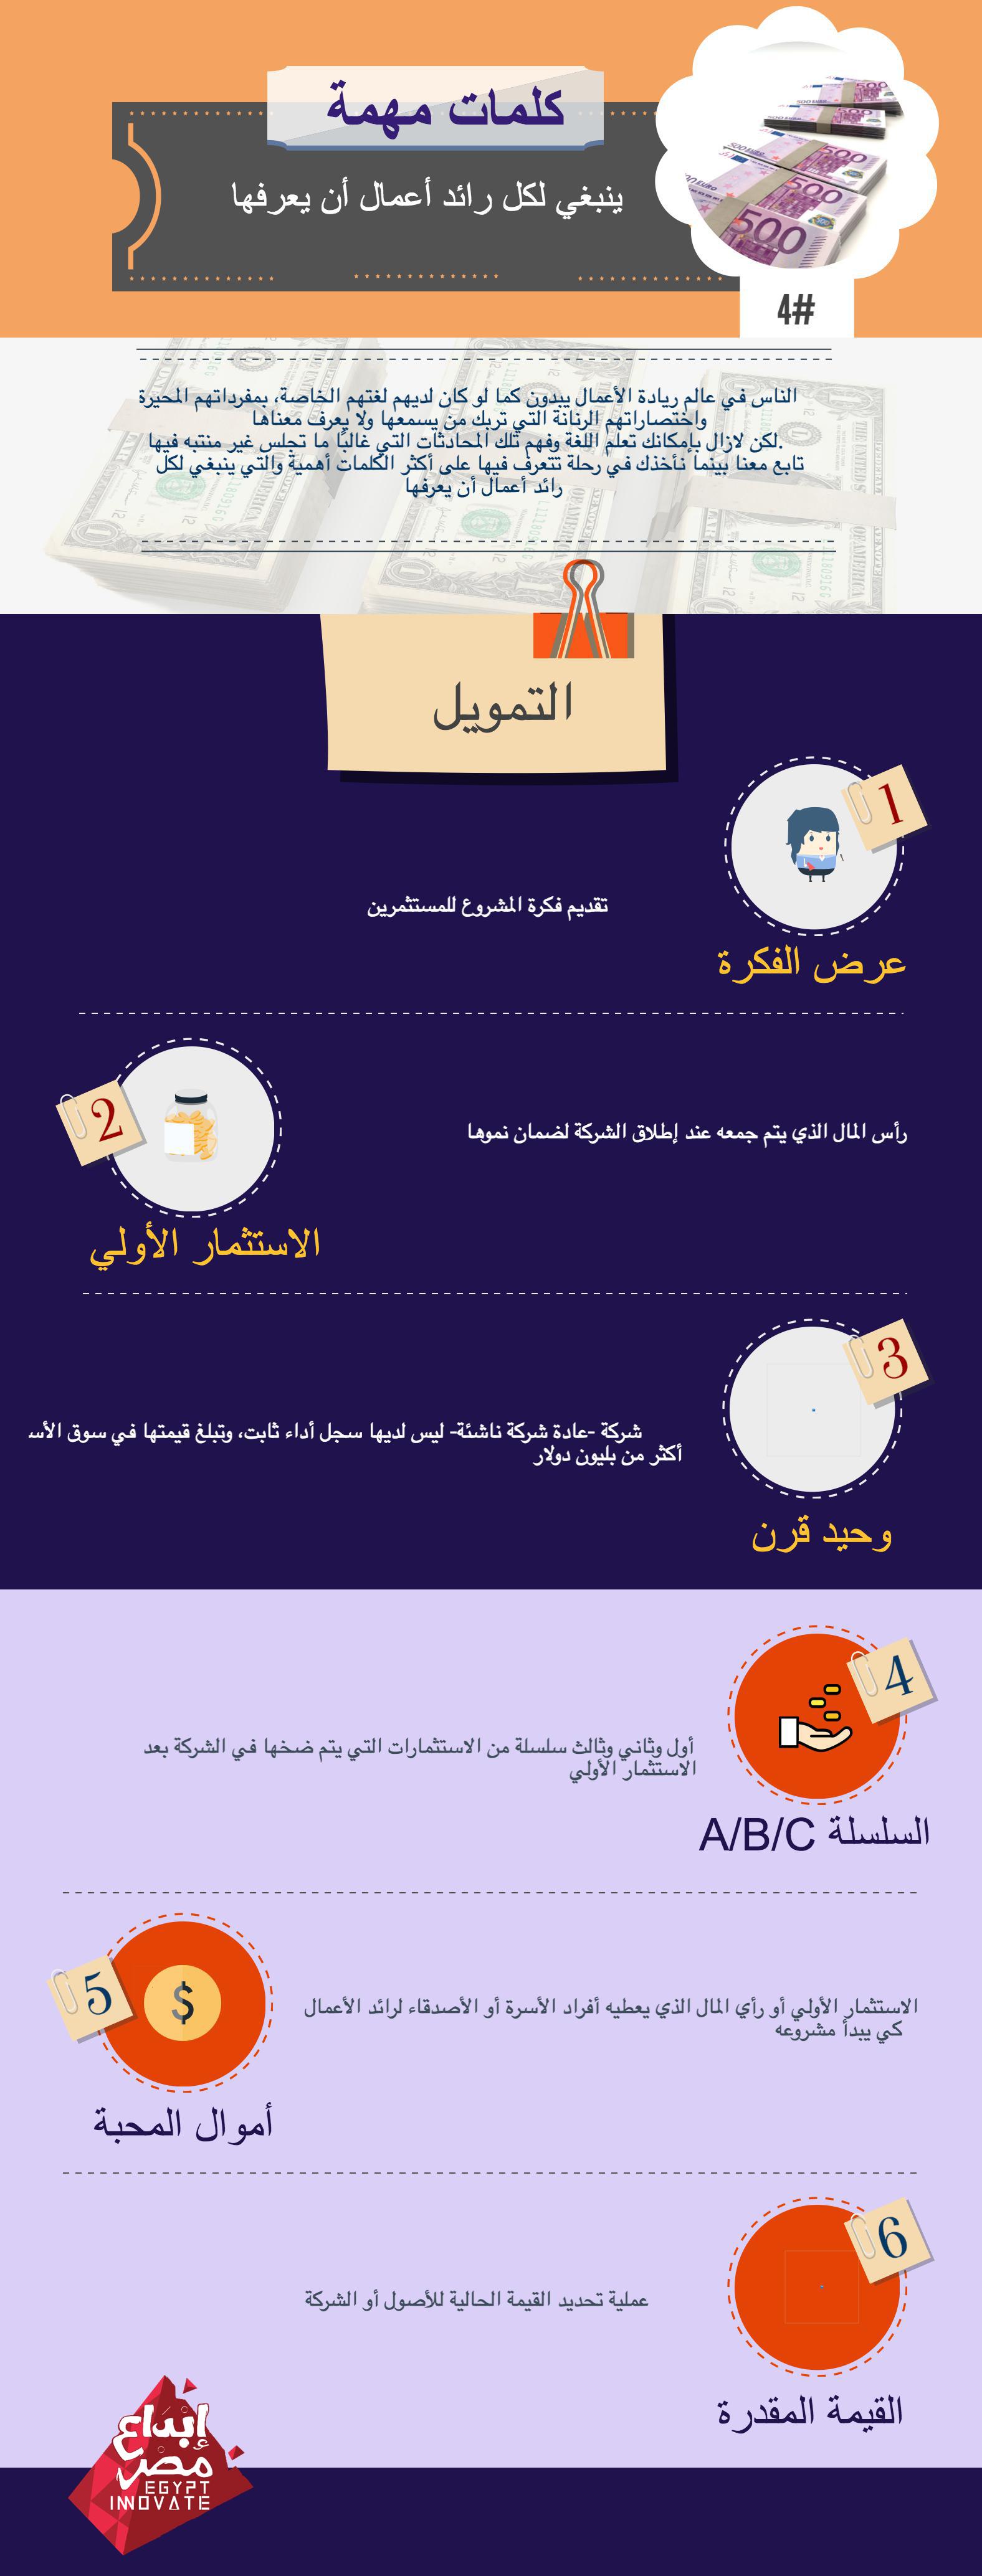 كلمات مهمة ينبغي لكل رائد أعمال أن يعرفها #4